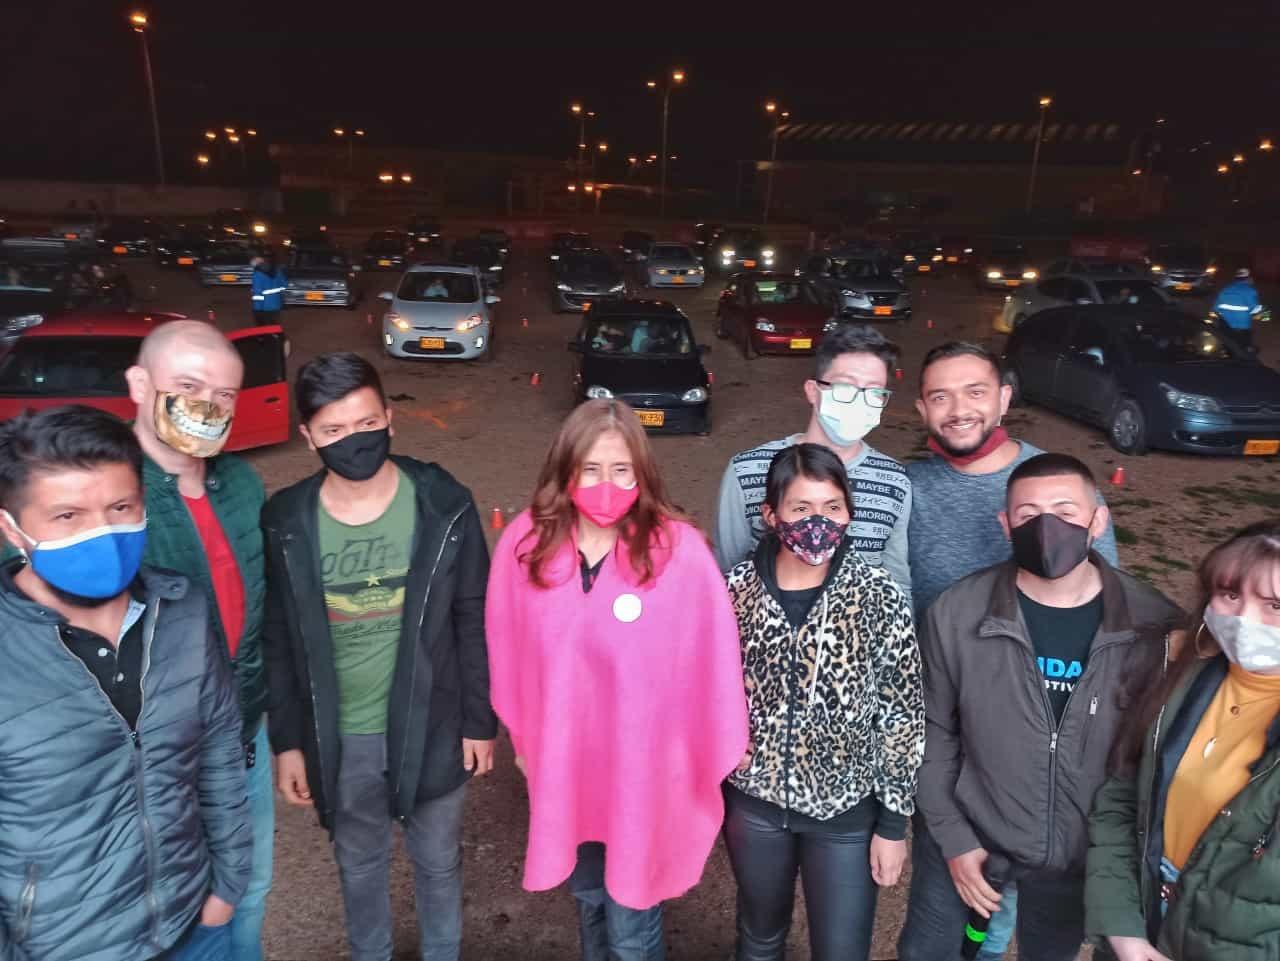 La alcaldesa de Duitama Constanza Ramírez, acompañó al grupo de producción en el estreno del film. Fotografía Mateo Bautista V Boyacá Sie7e Días.